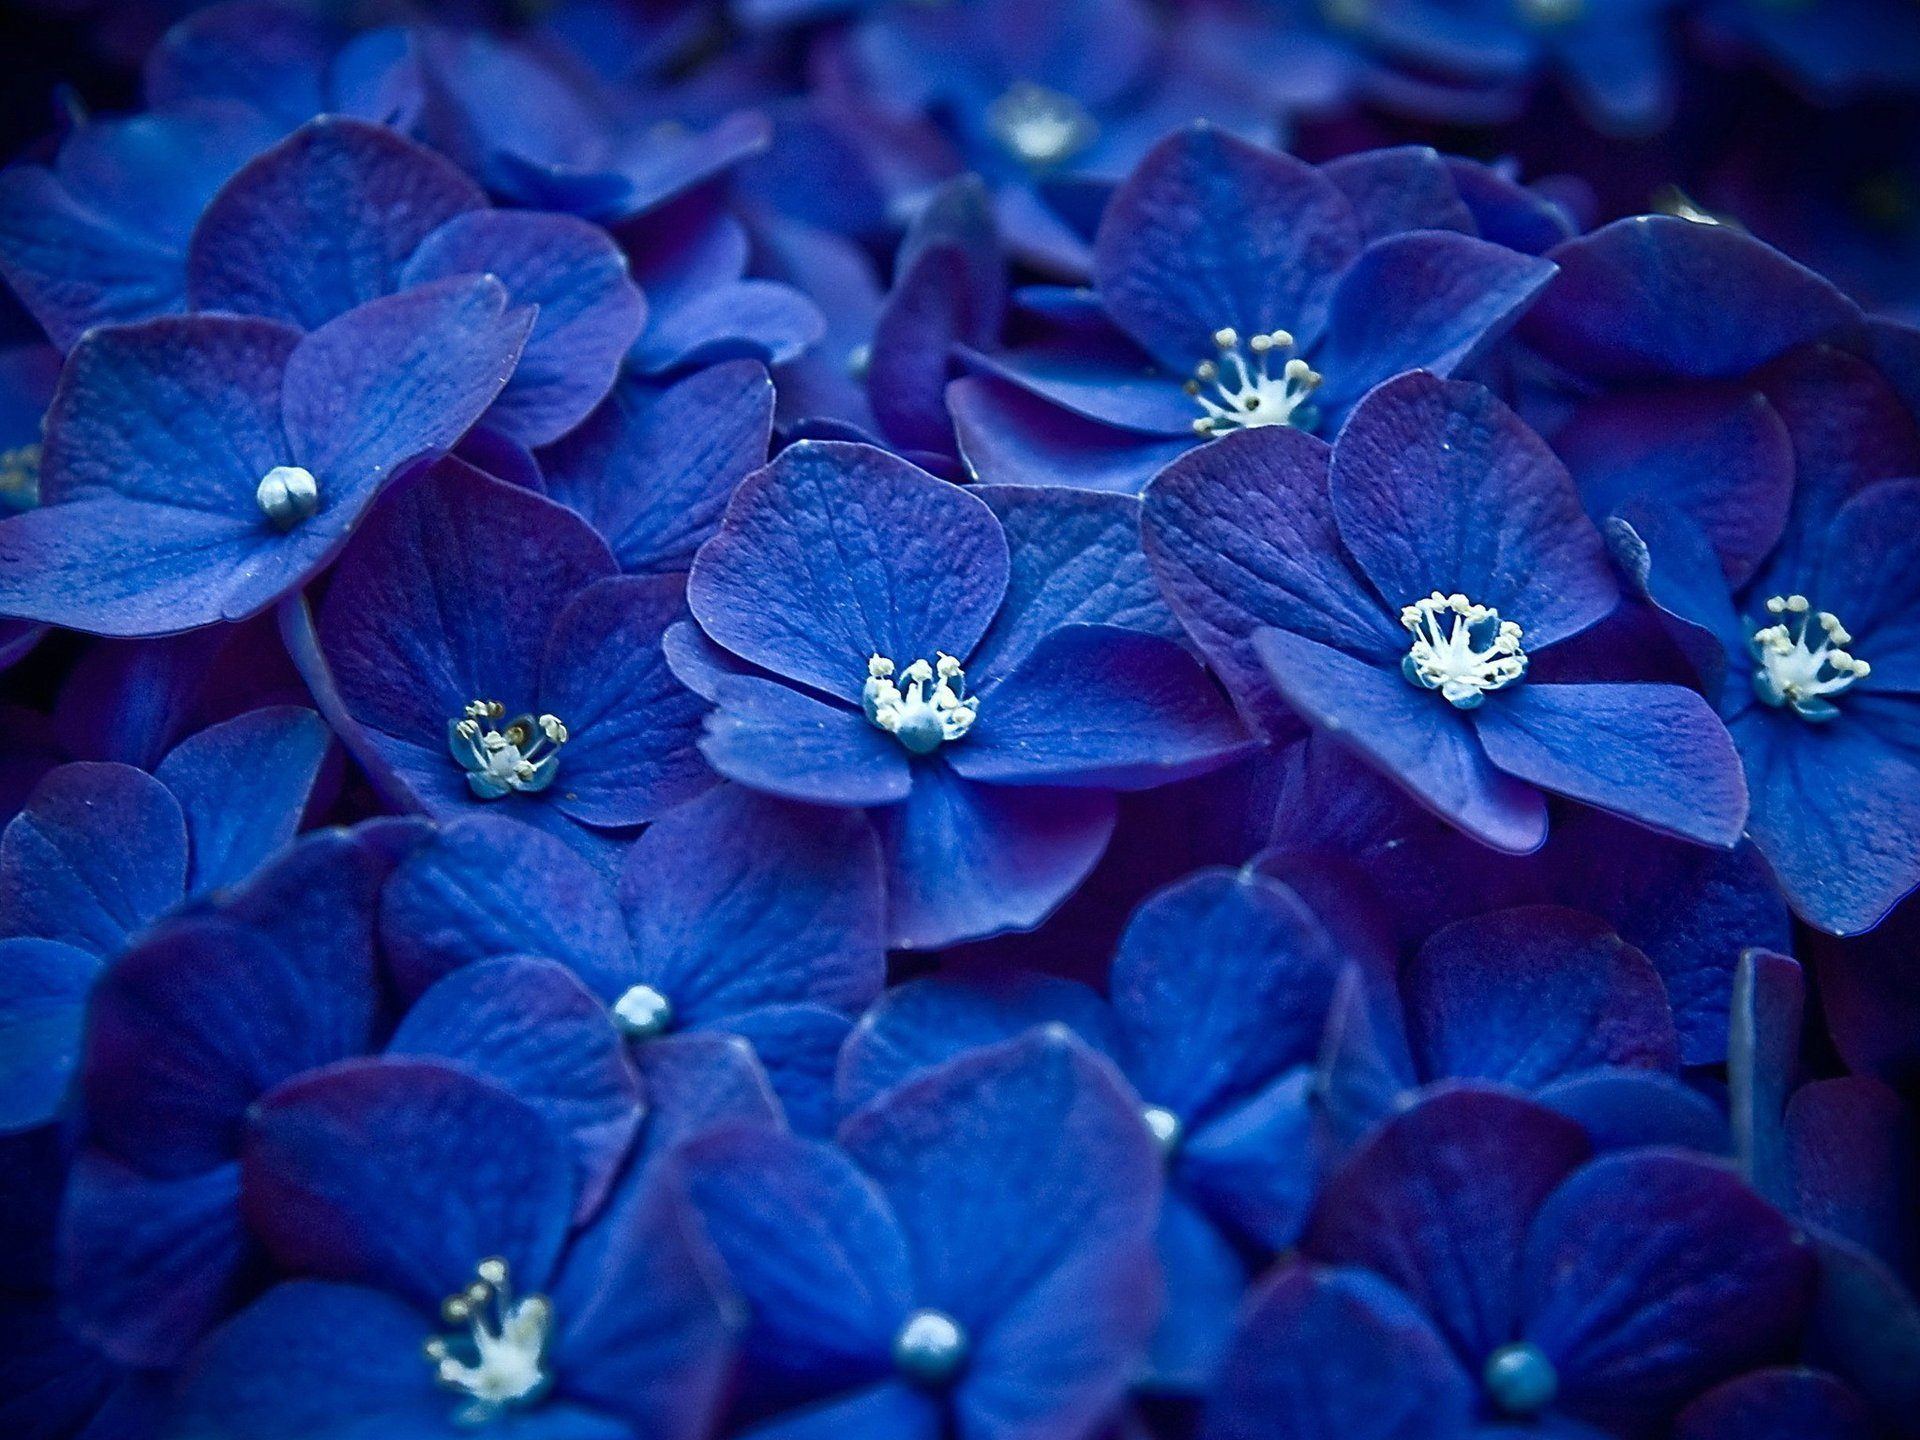 Красивые картинки голубые и синие цветы